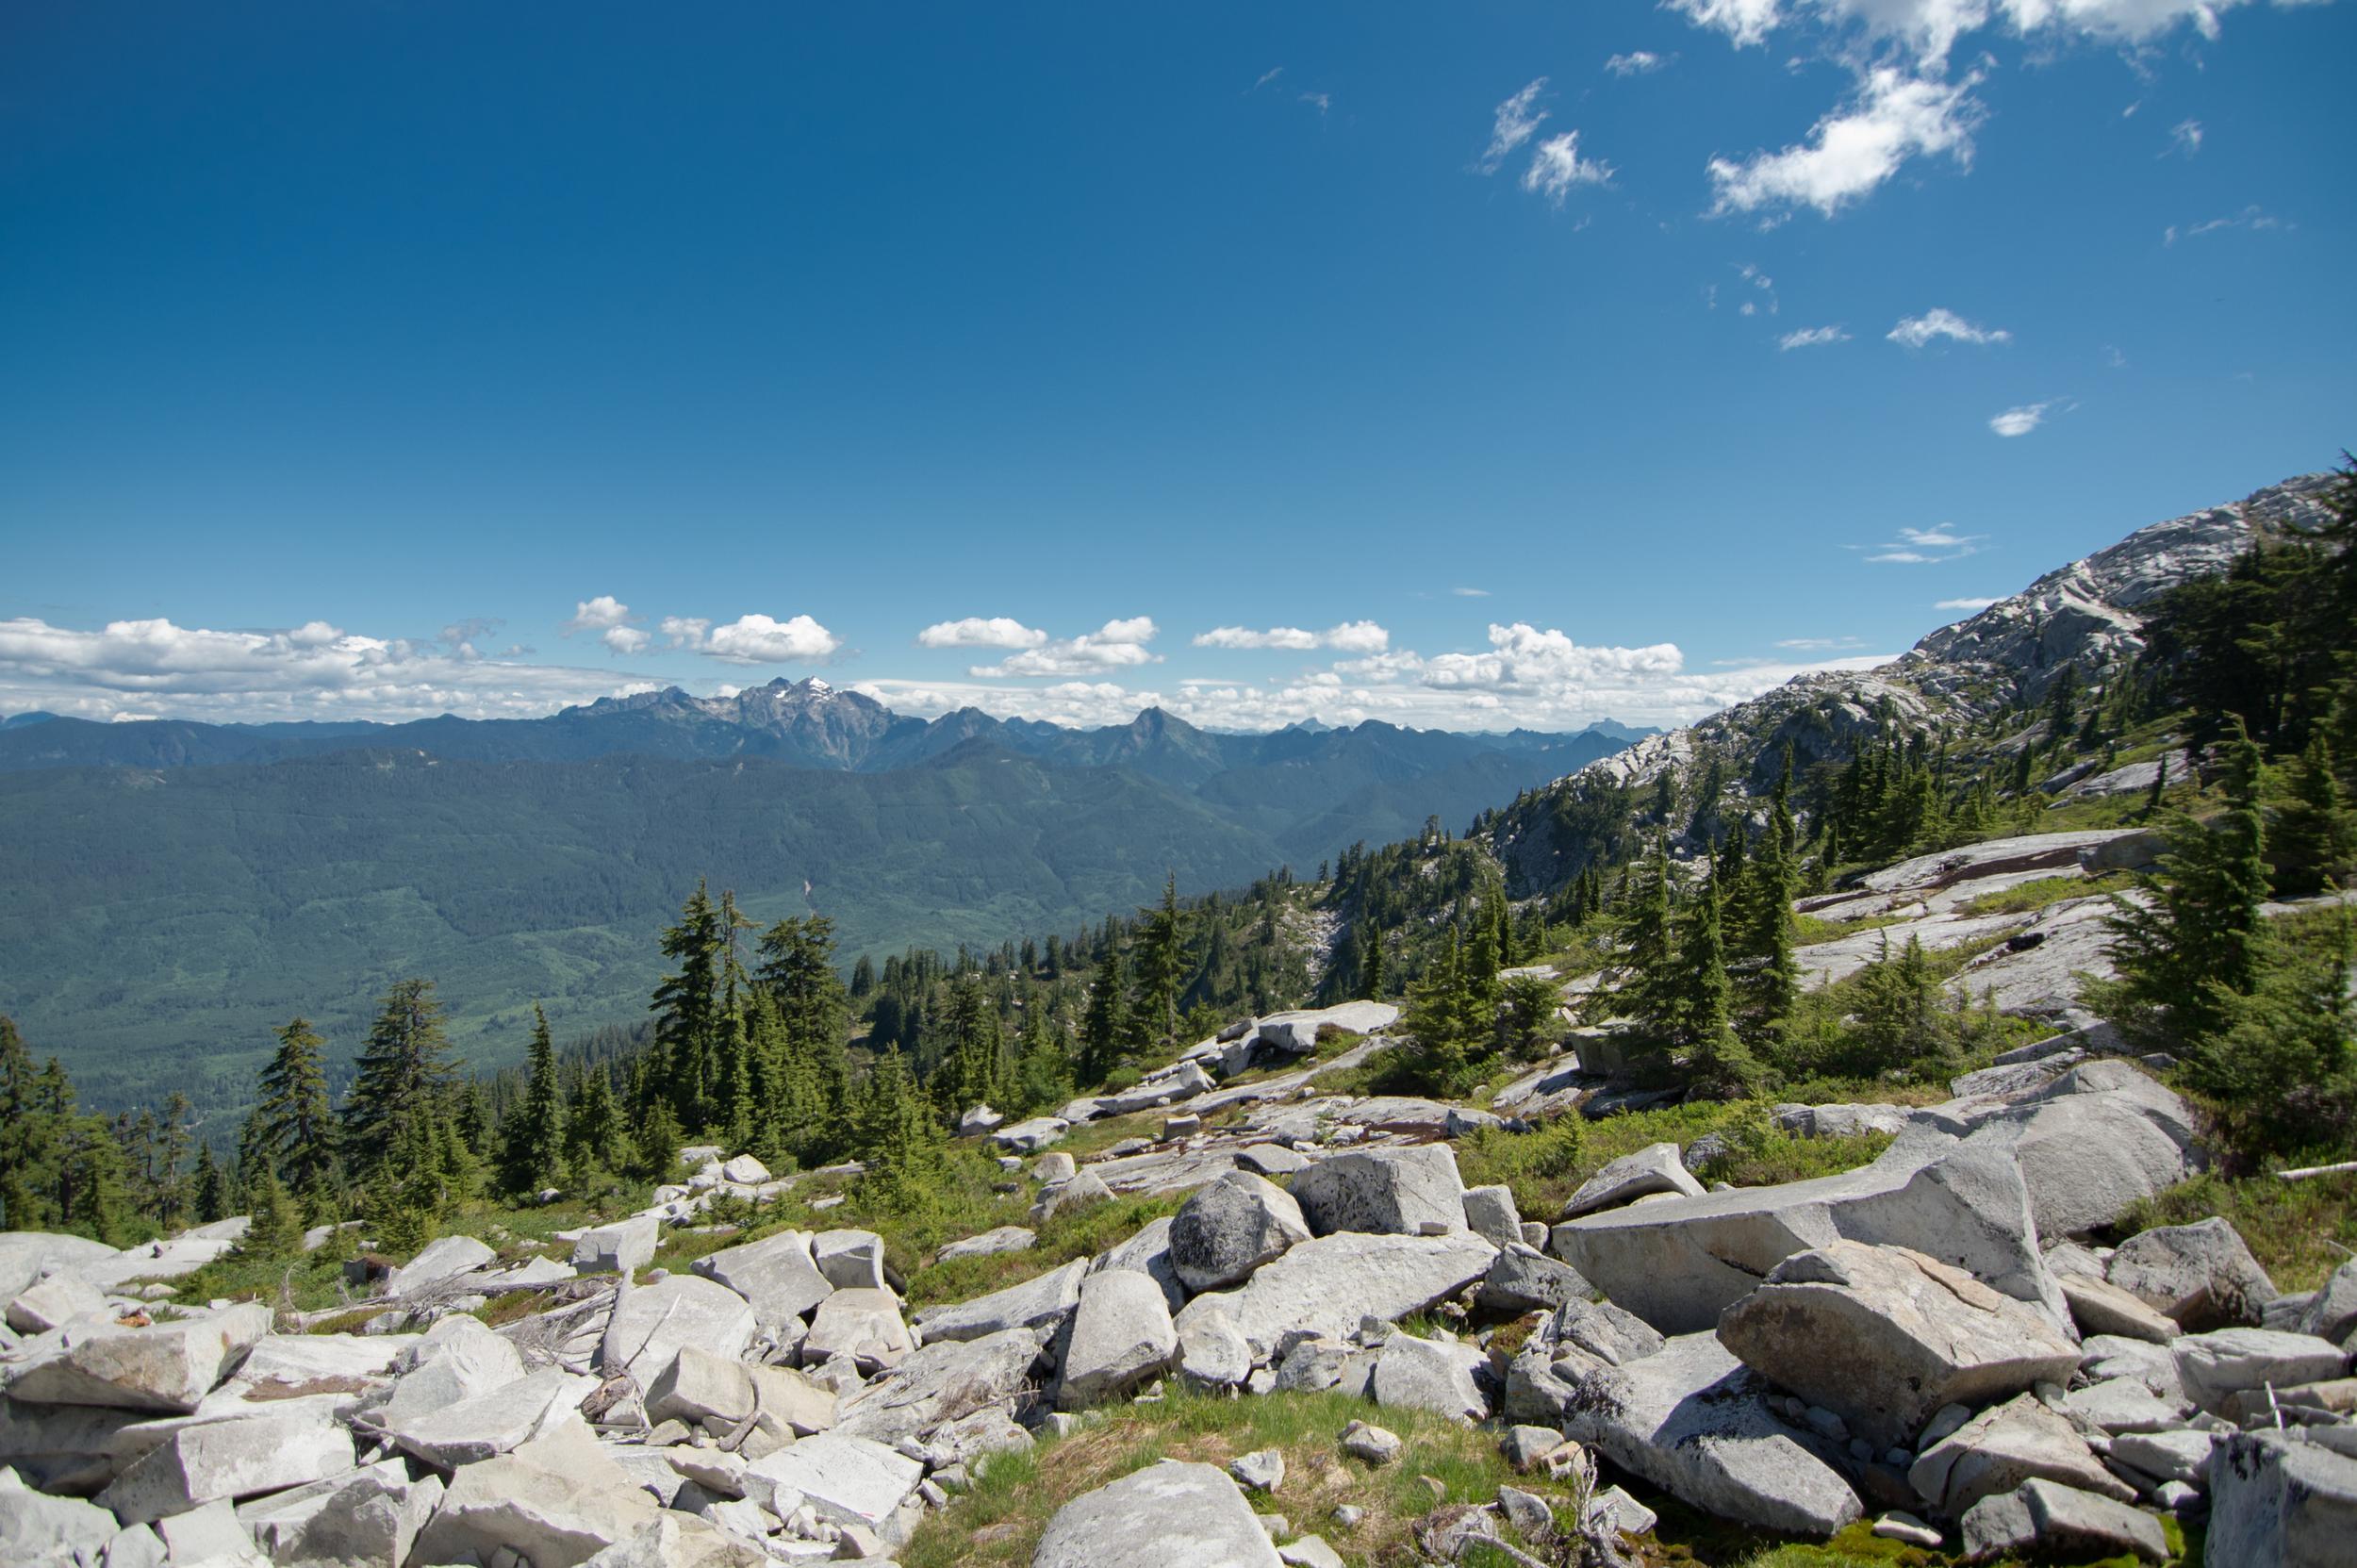 Mount_Pilchuck-18.jpg